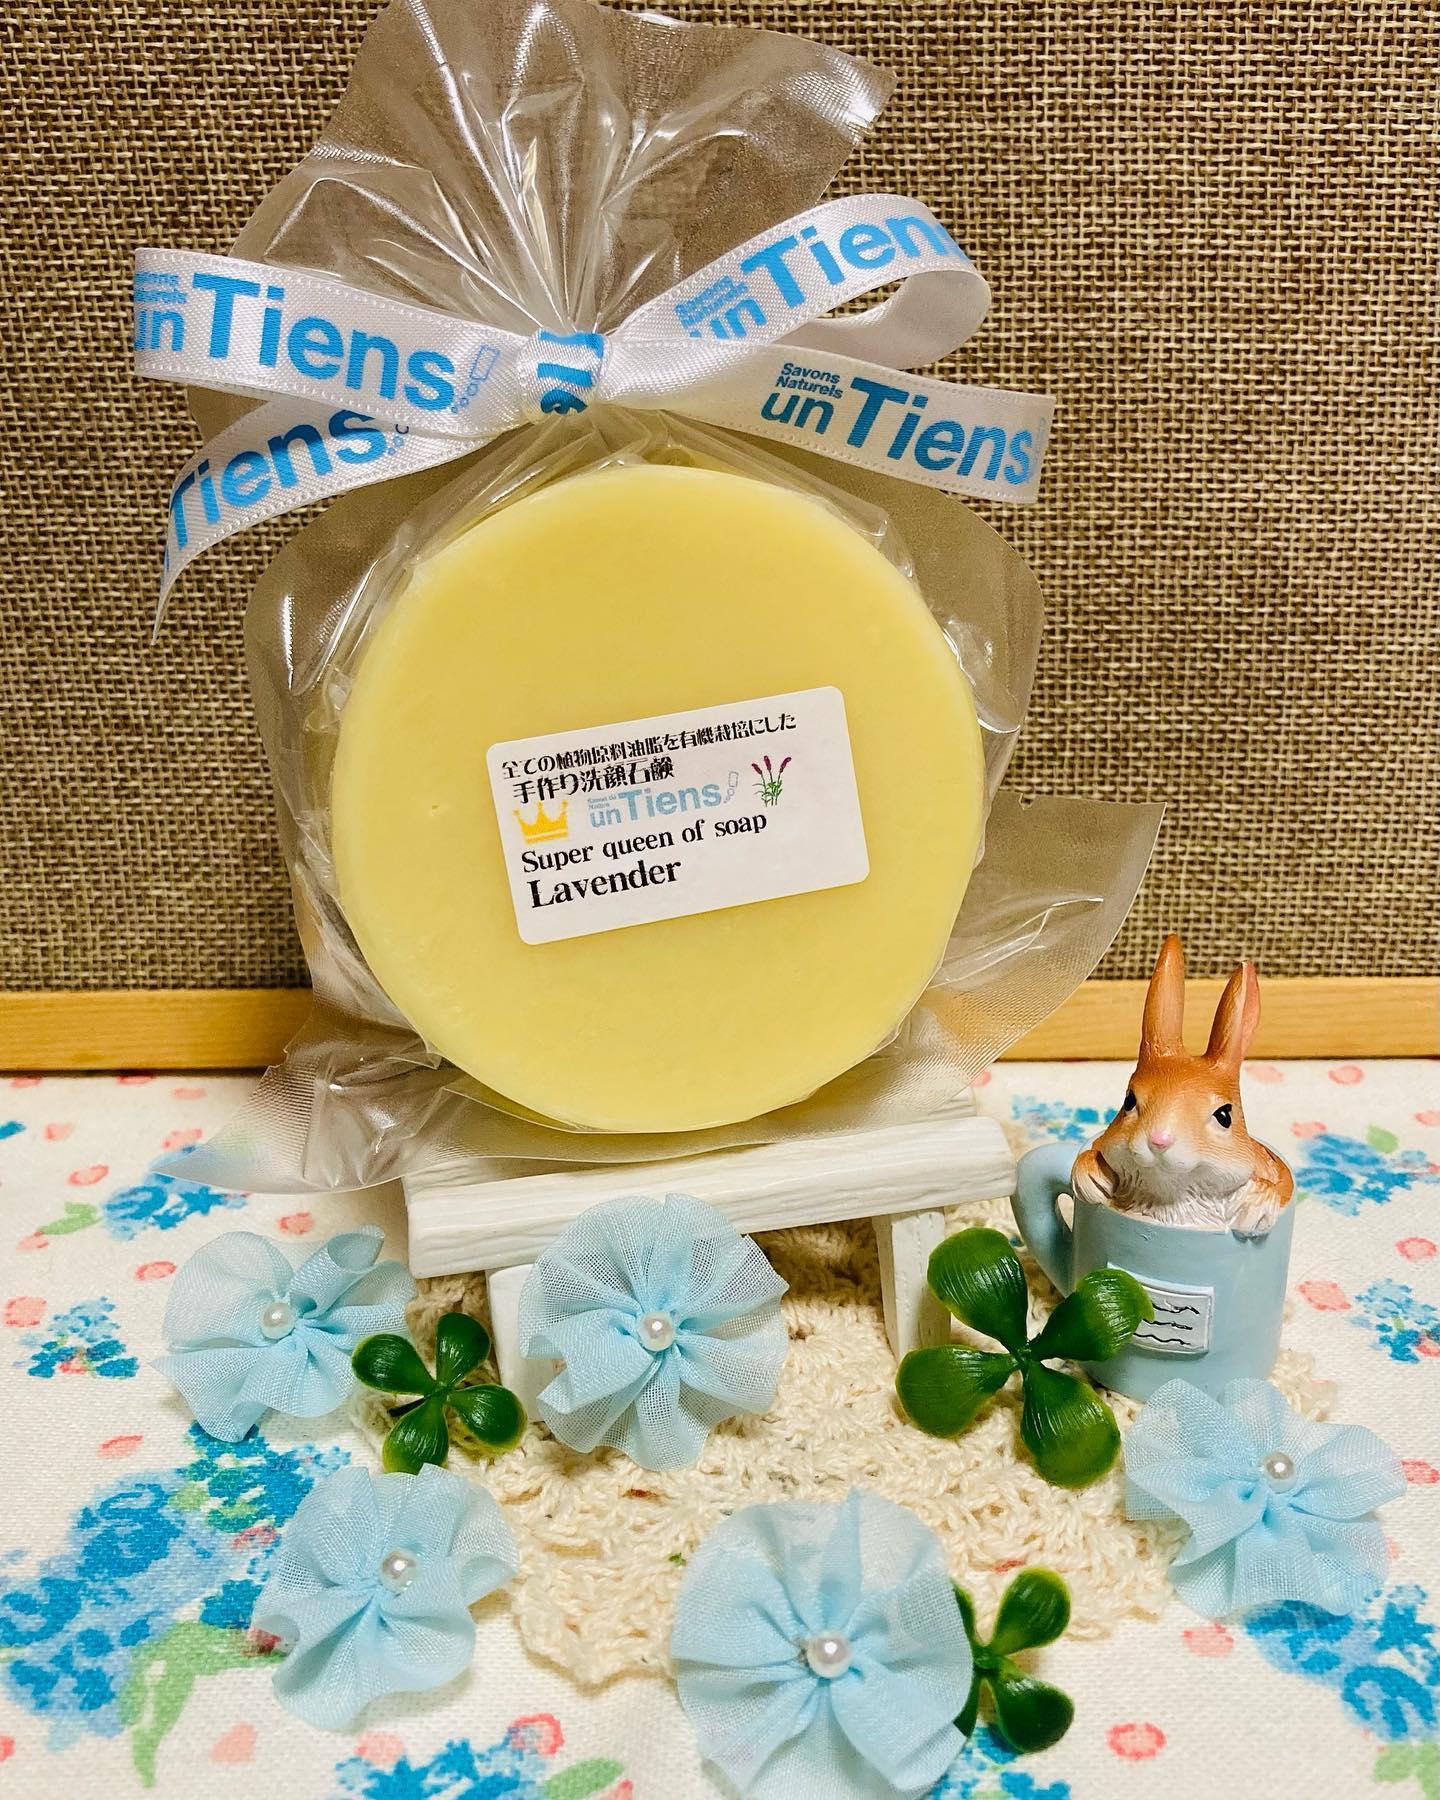 口コミ投稿:・手作り洗顔石鹸専門店 アンティアン・スーパークイーンオブソープ ラベンダー・…